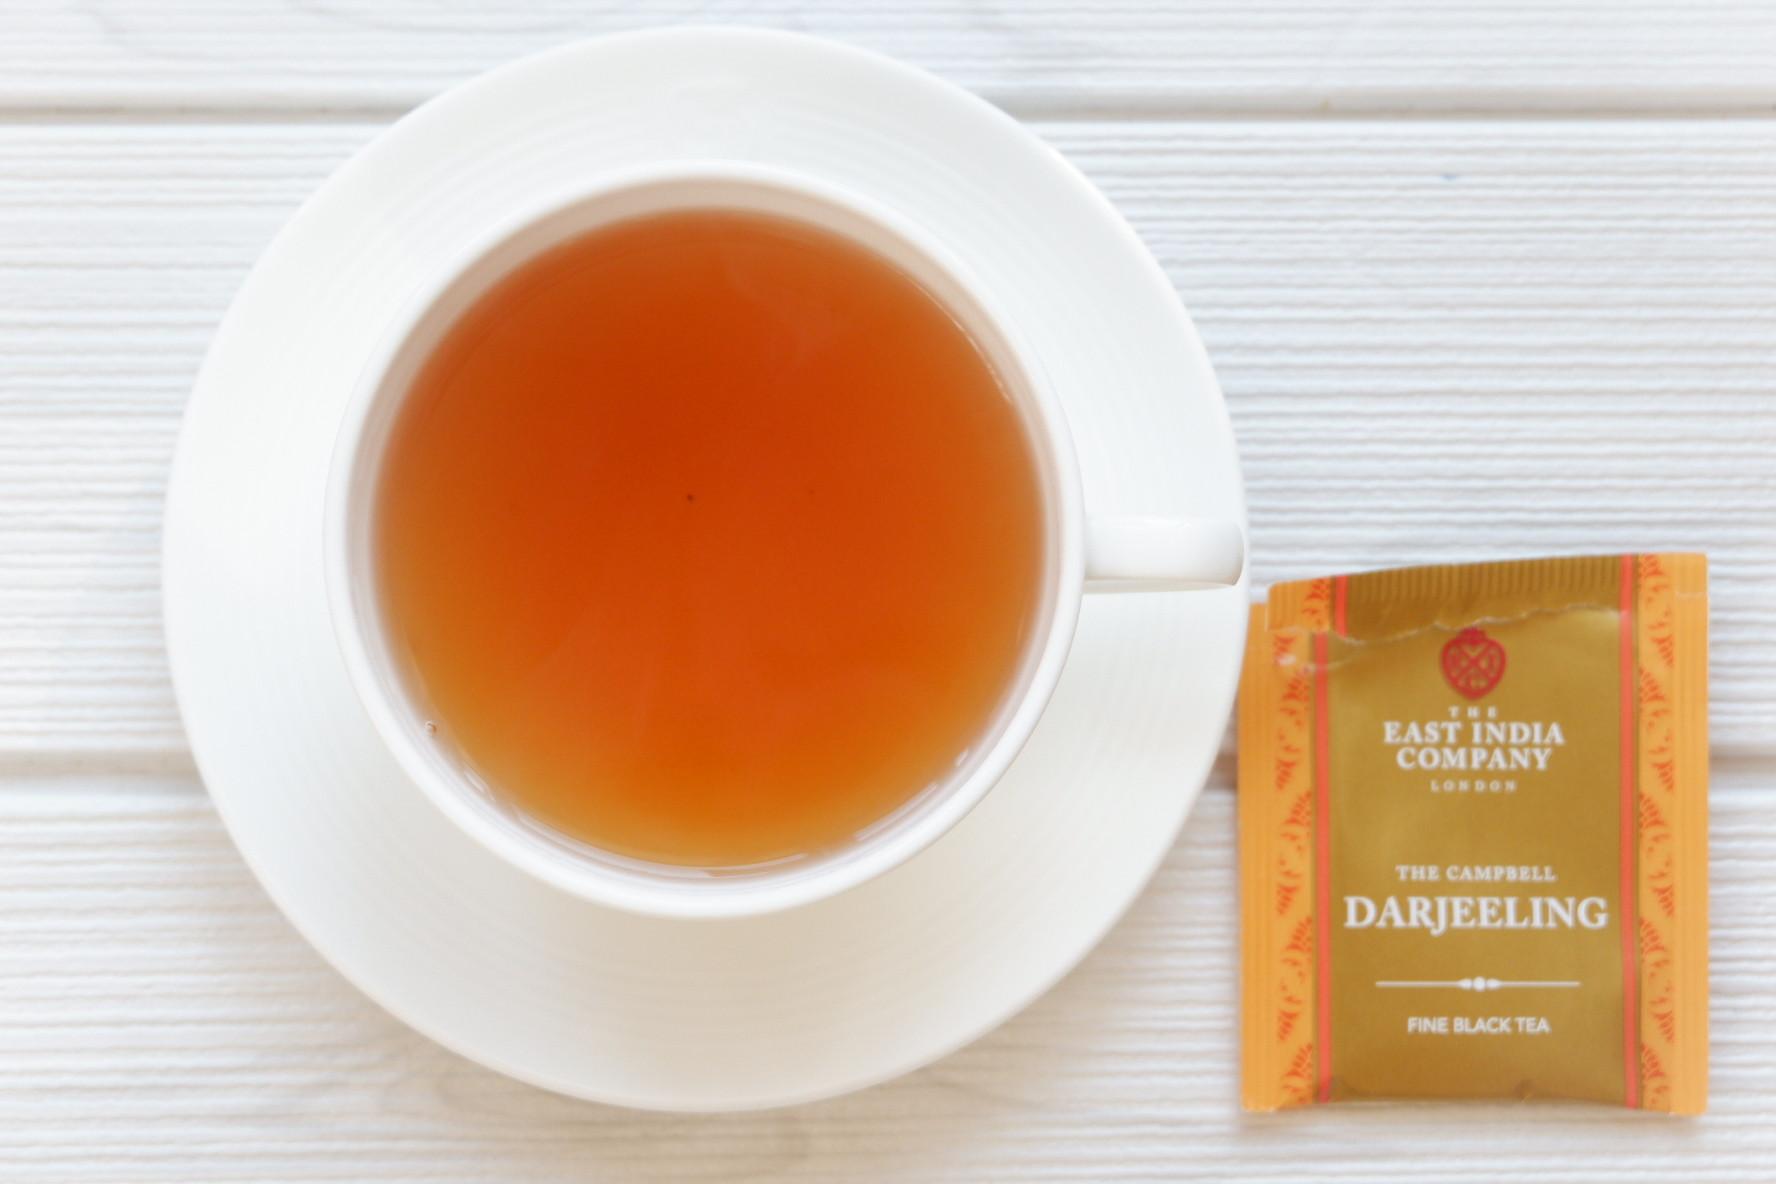 東インド会社の紅茶